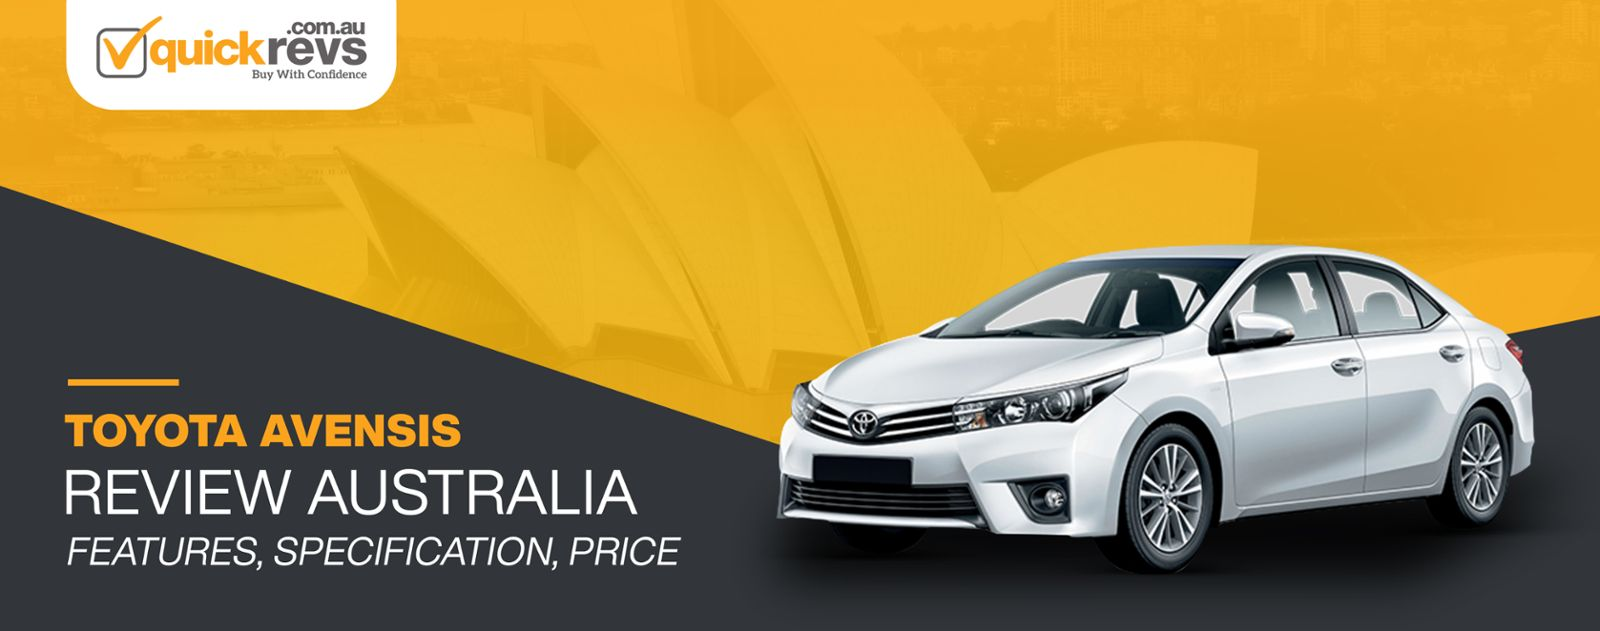 Toyota Avensis Review Australia